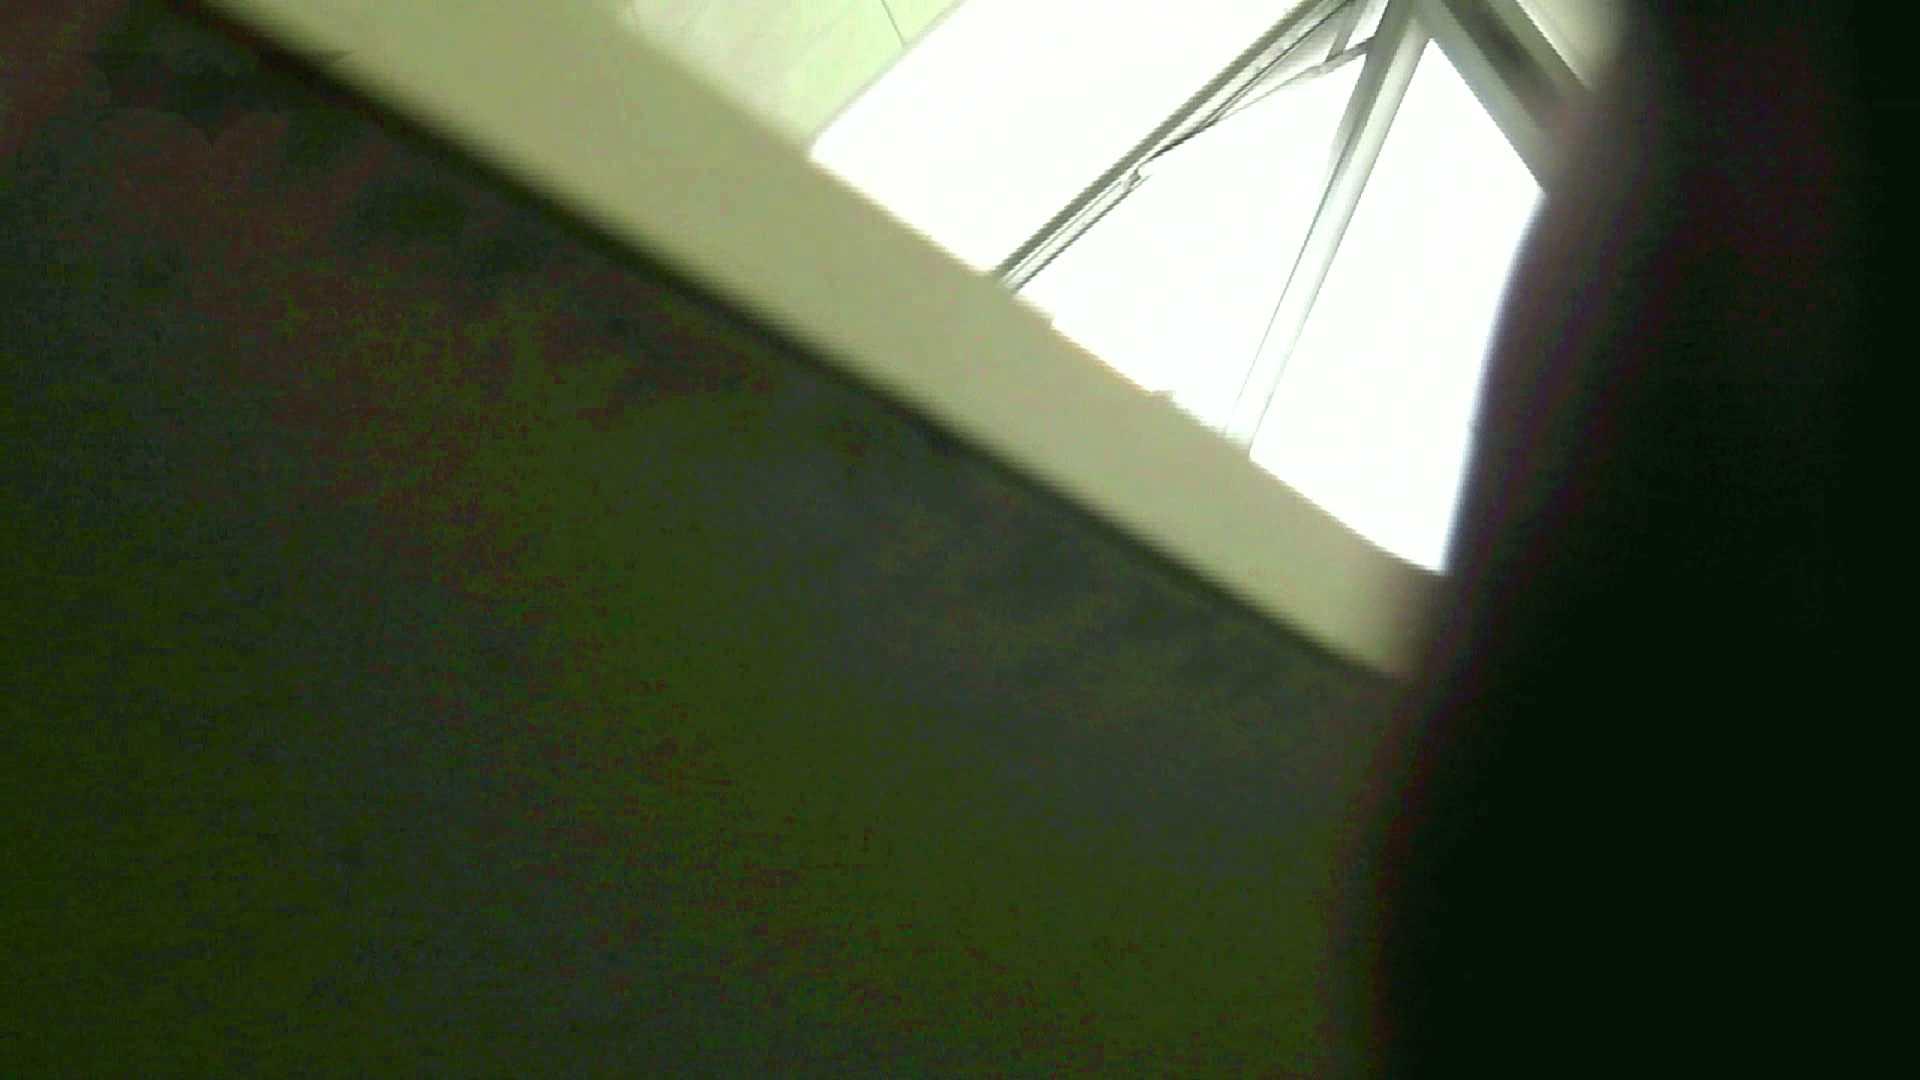 ステーション編 vol.29 頭二つ飛び出る180cm長身モデル お姉さんのSEX オマンコ無修正動画無料 111枚 98